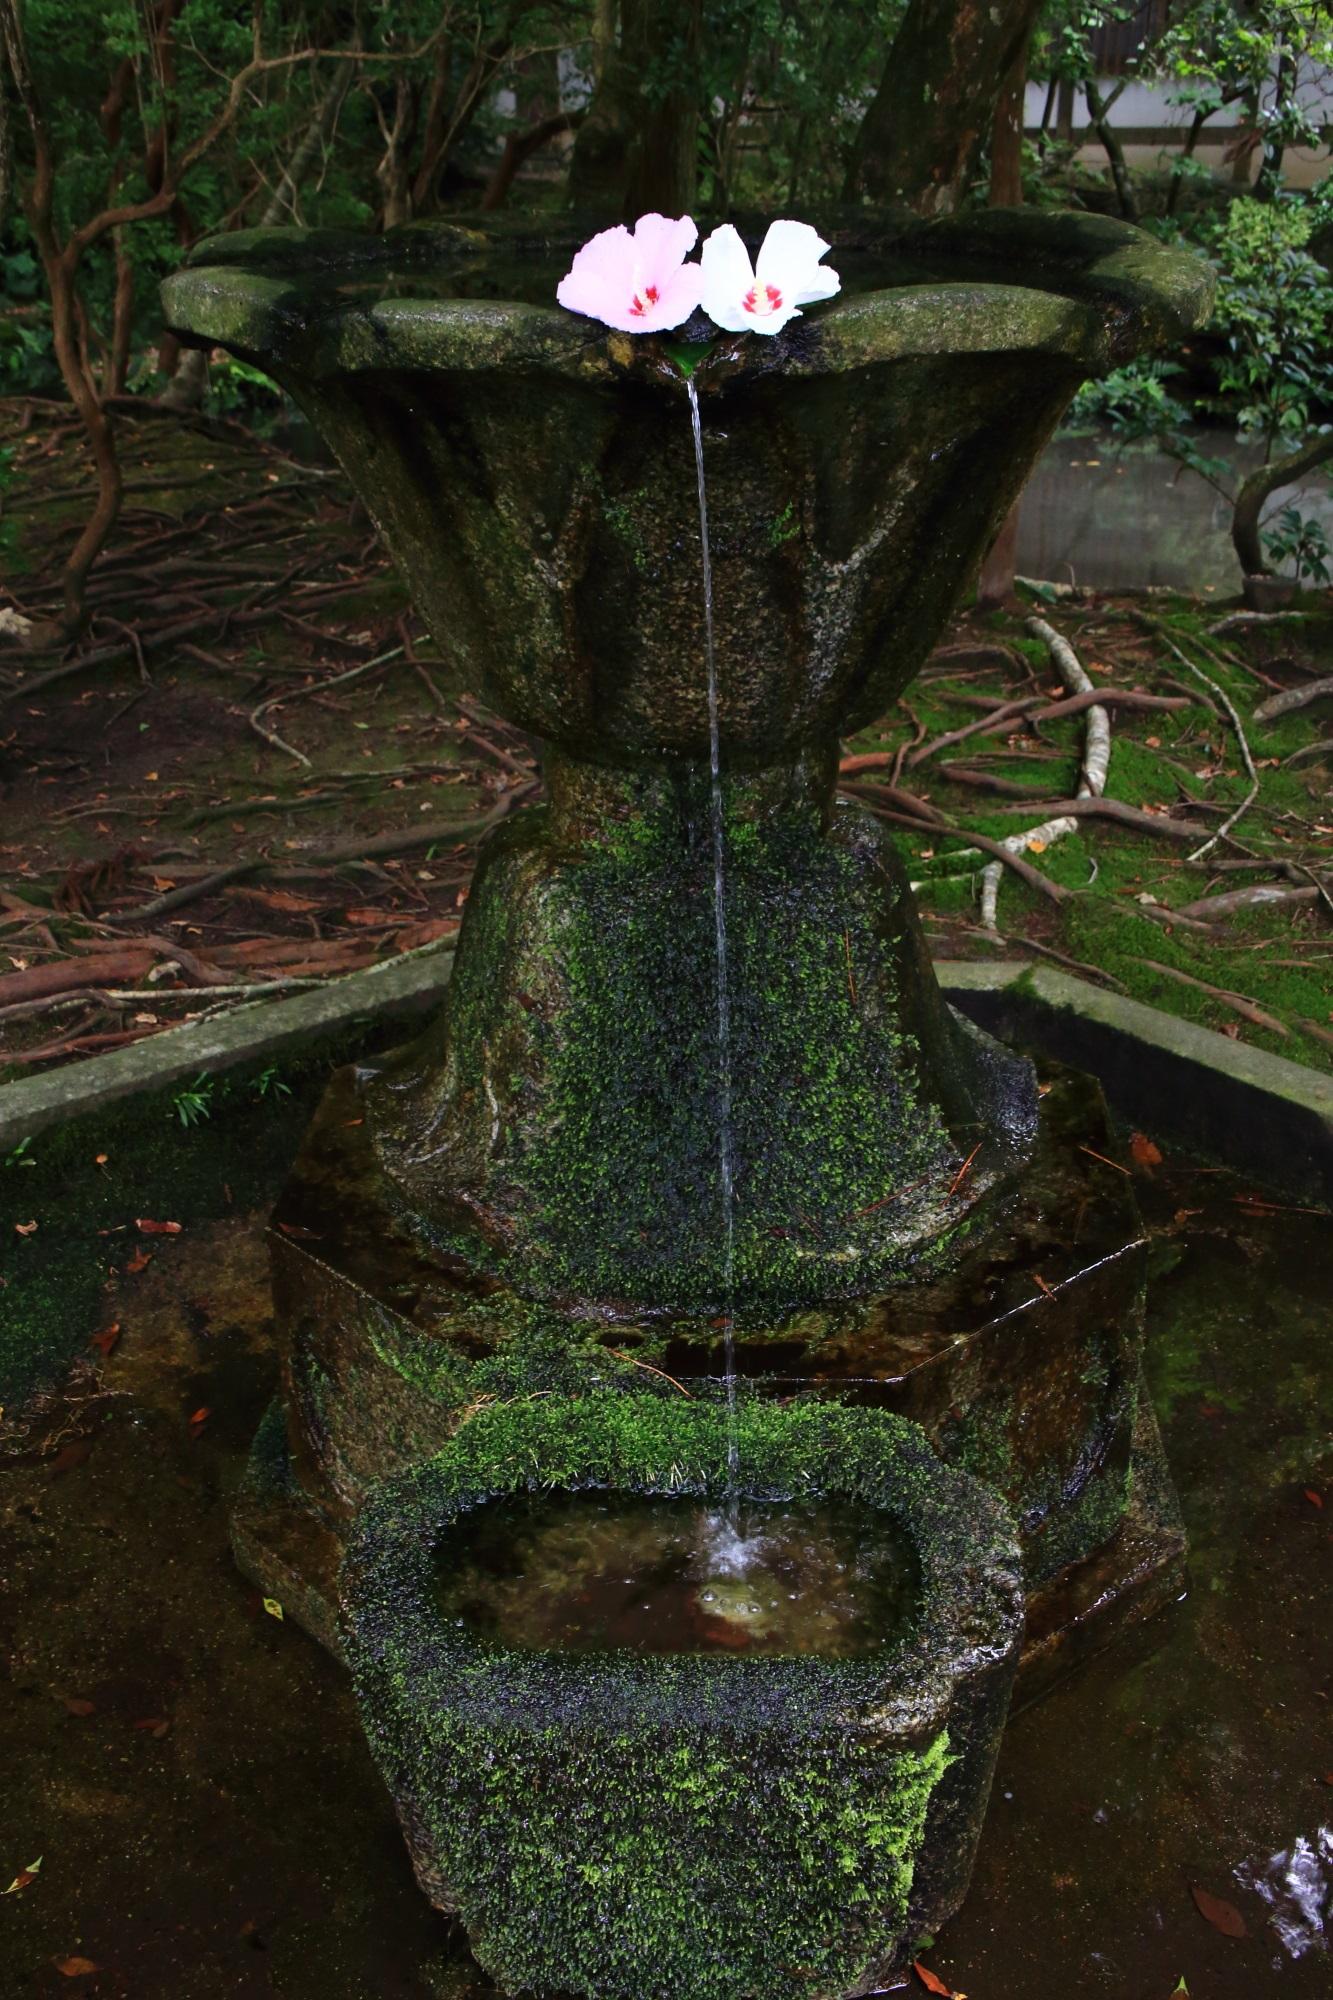 法然院の情緒ある手水鉢と芙蓉の花